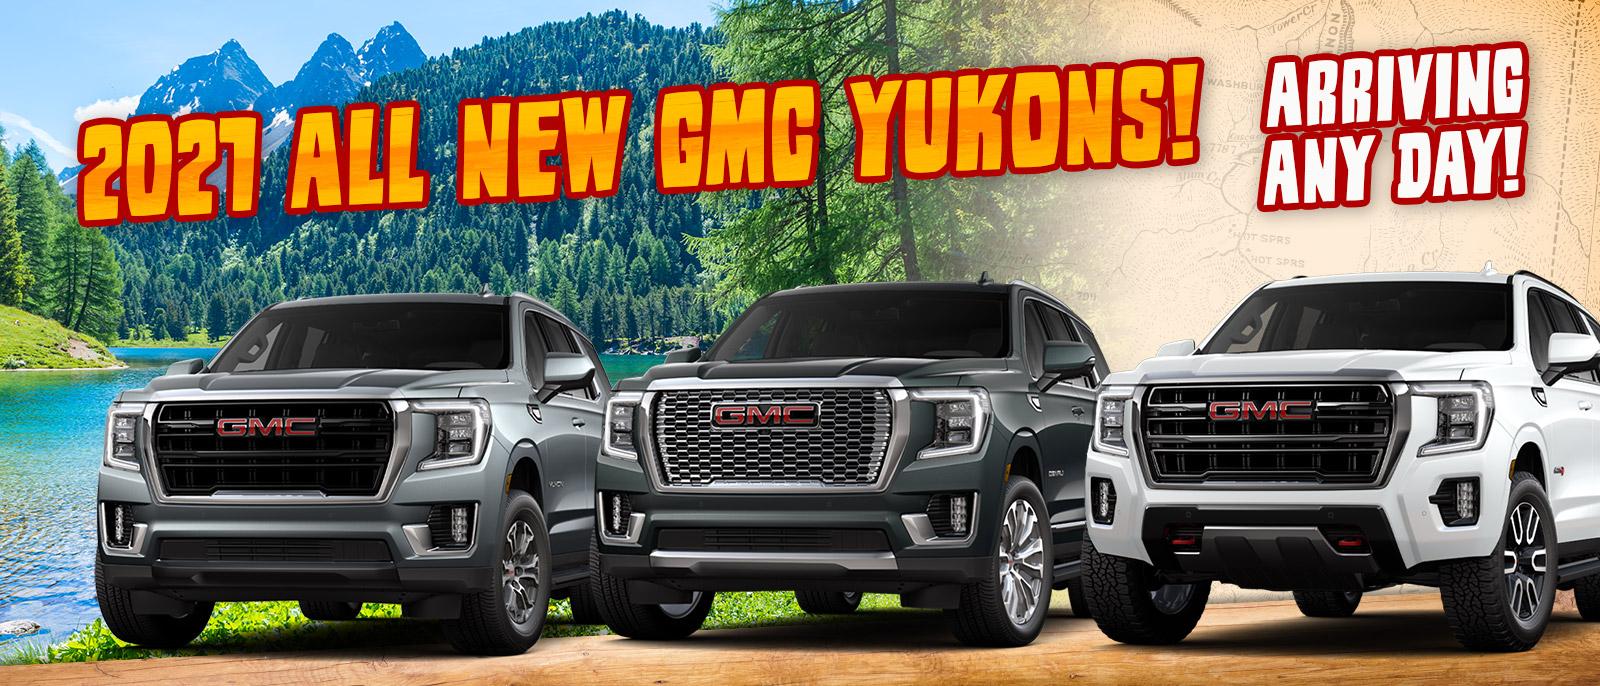 2021 GMC Yukon Special